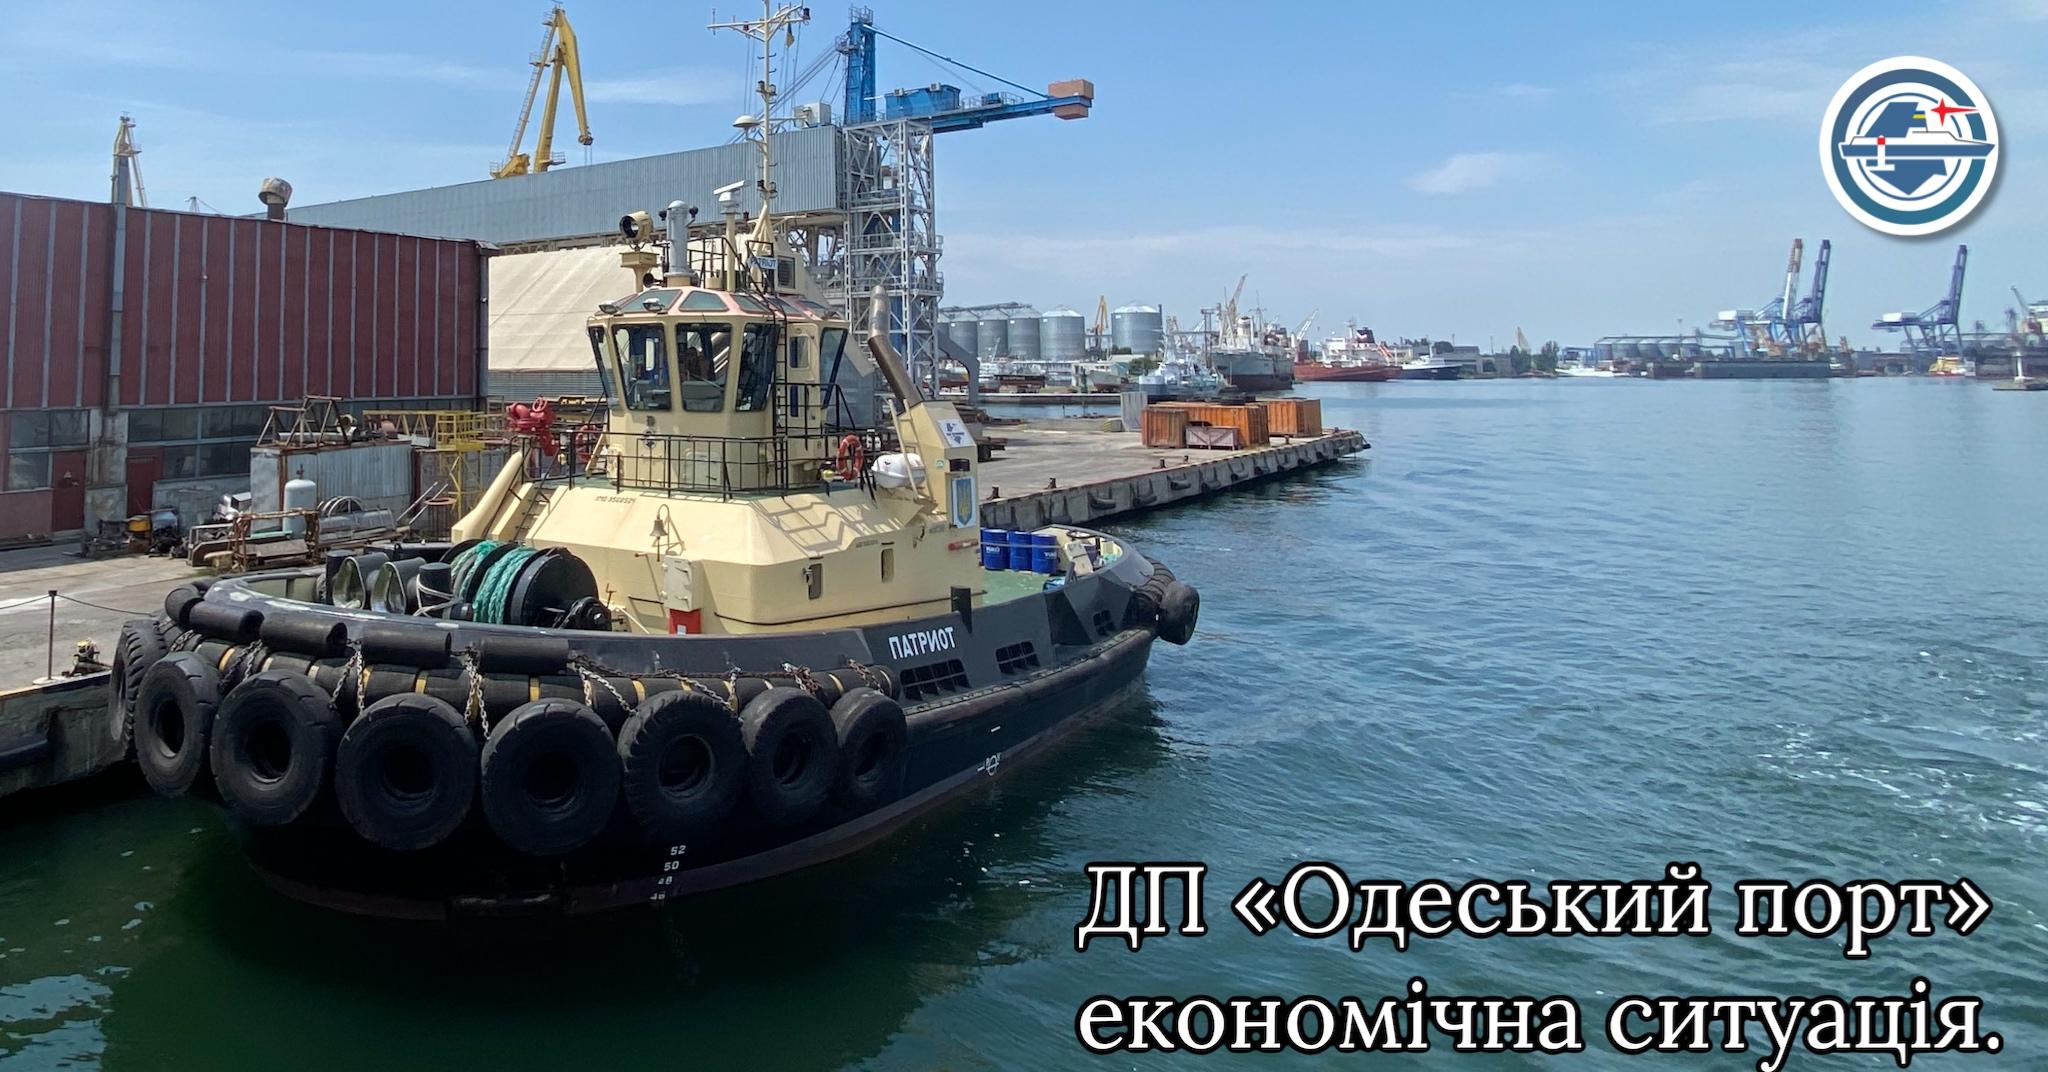 ДП «Одеський порт» економічна ситуація